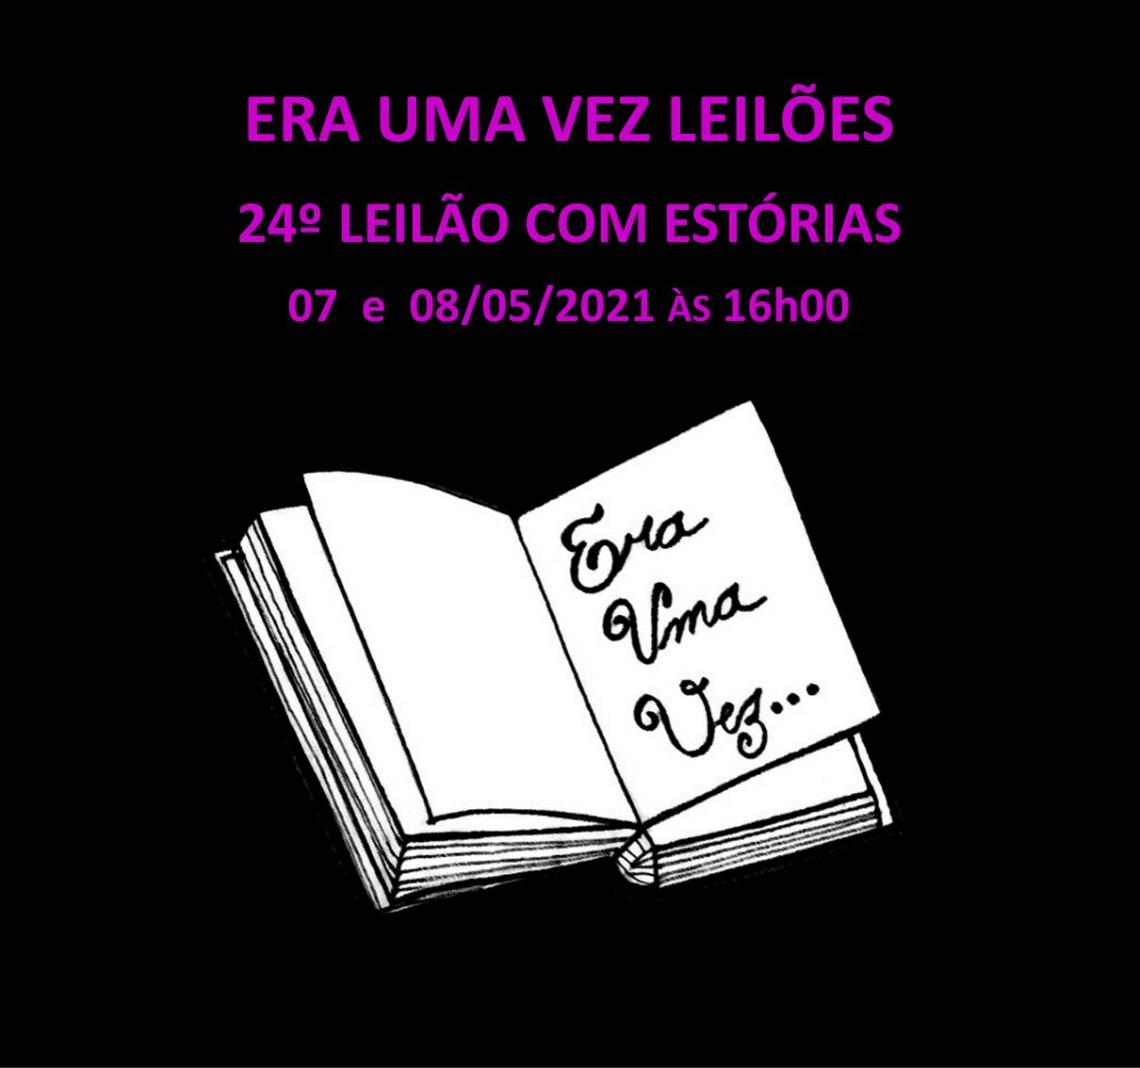 24º LEILÃO COM ESTÓRIAS - 07 e 08/05/2021 às 16h00